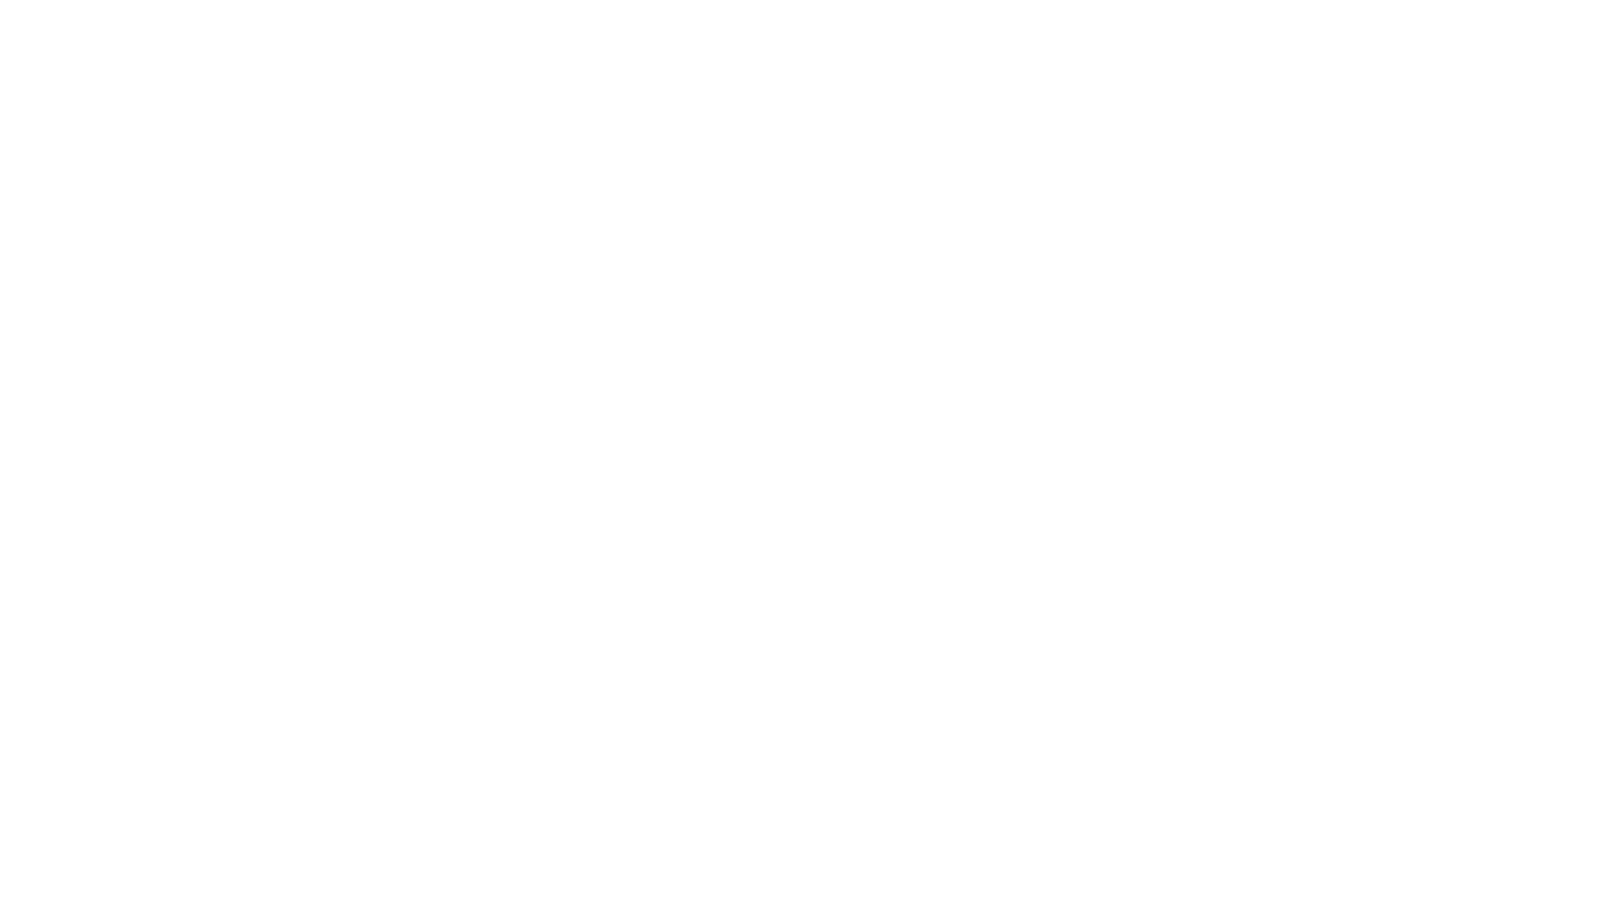 مع إقتراب شهر رمضان المبارك ، إحرصو علي إتباع عادات الاكل الصحية و قومو بشرب ياكولت يوميا  خلال الافطار و السحور لتحسين عملية الهضم